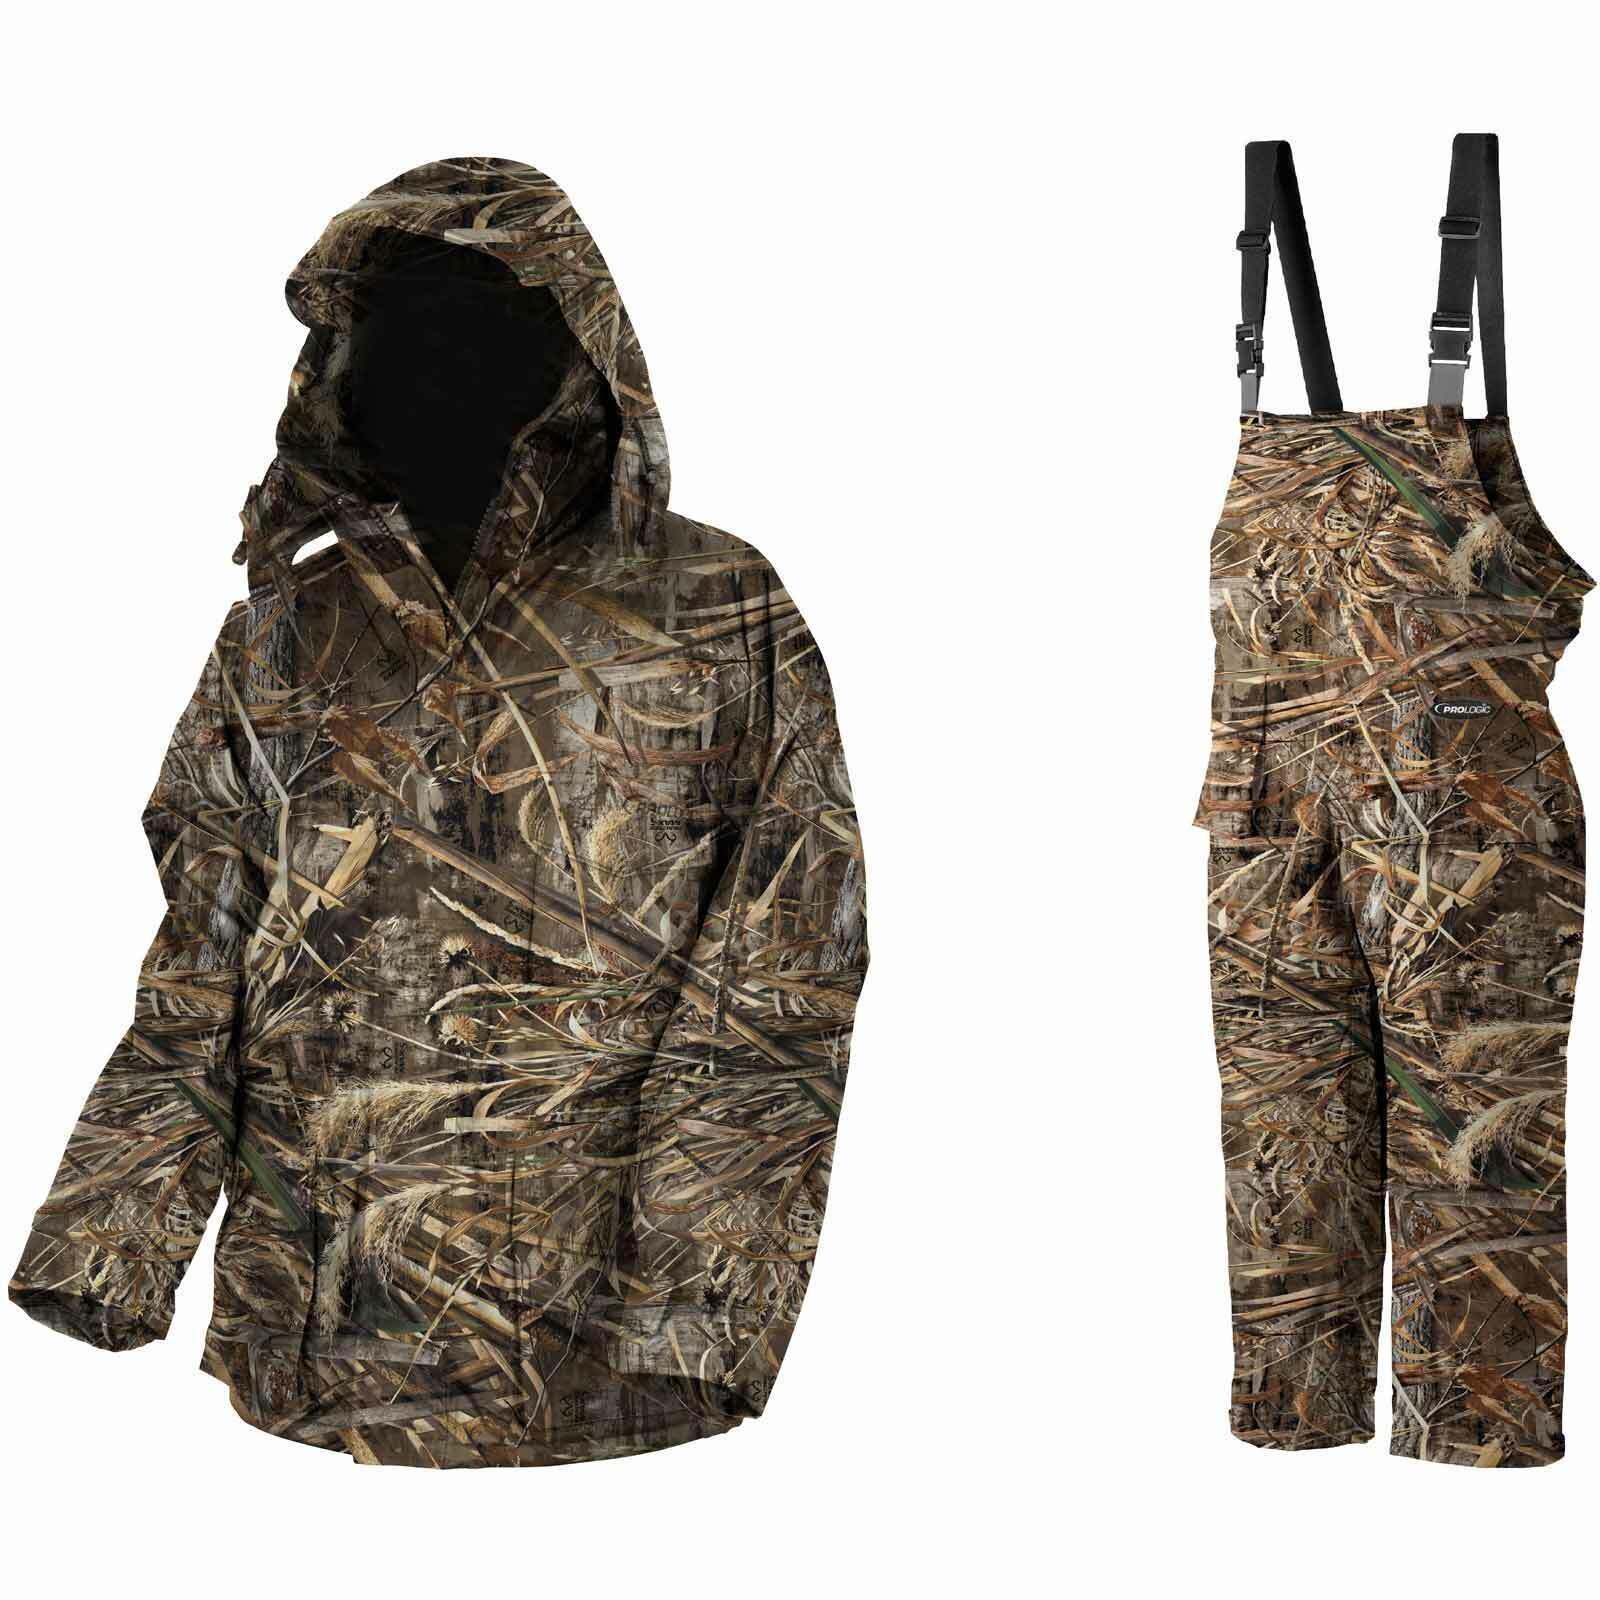 Traje de invierno de pesca proLogic - Max5 confort termo traje de 2 piezas - talla XL.